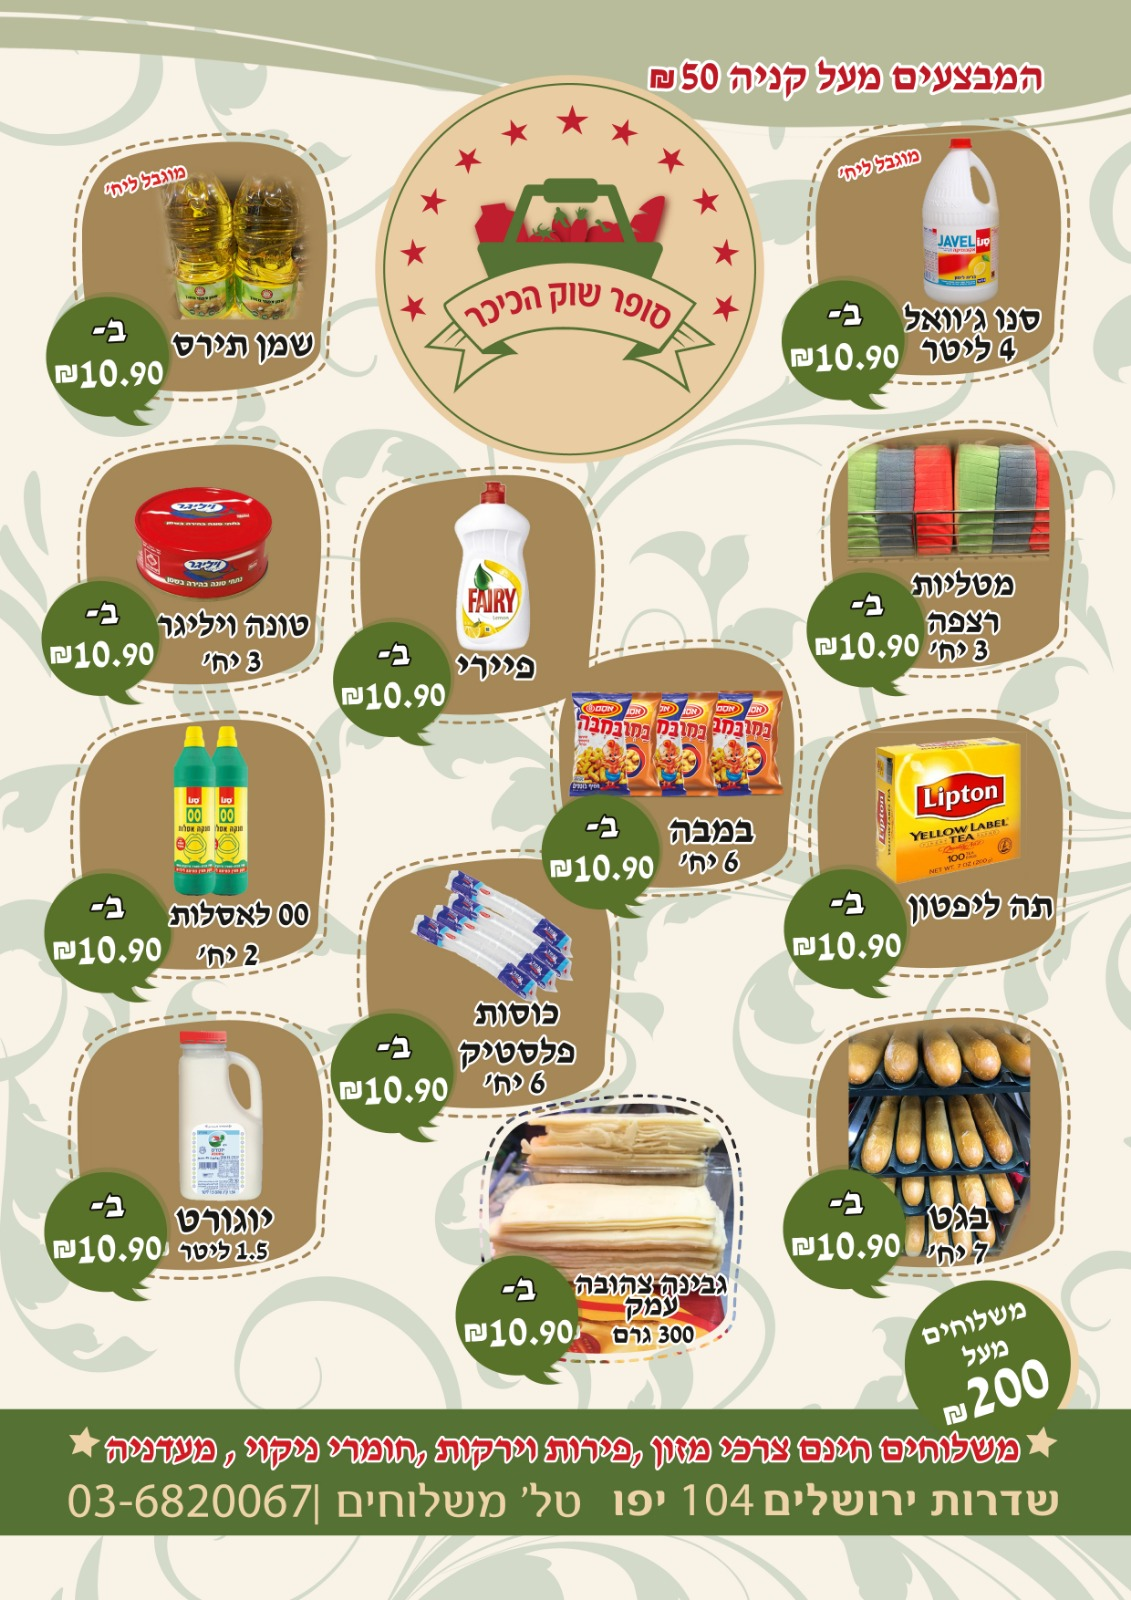 يافا: سوبرماركت سوق الدوار عبد في شديروت يروشلايم يعلن عن حملة تخفيضات وأسعار مجنونة